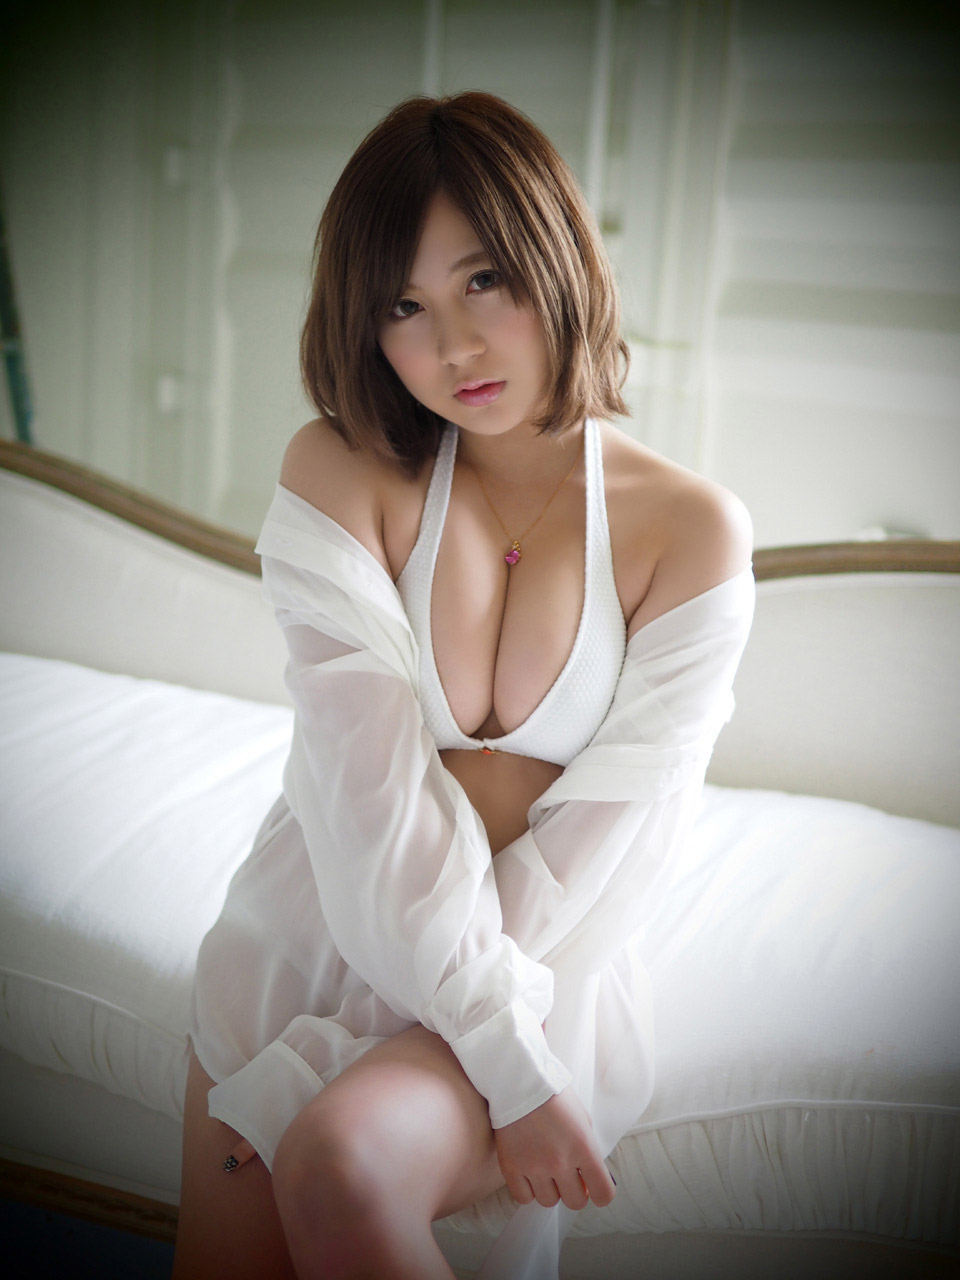 元AKB48の小野恵令奈